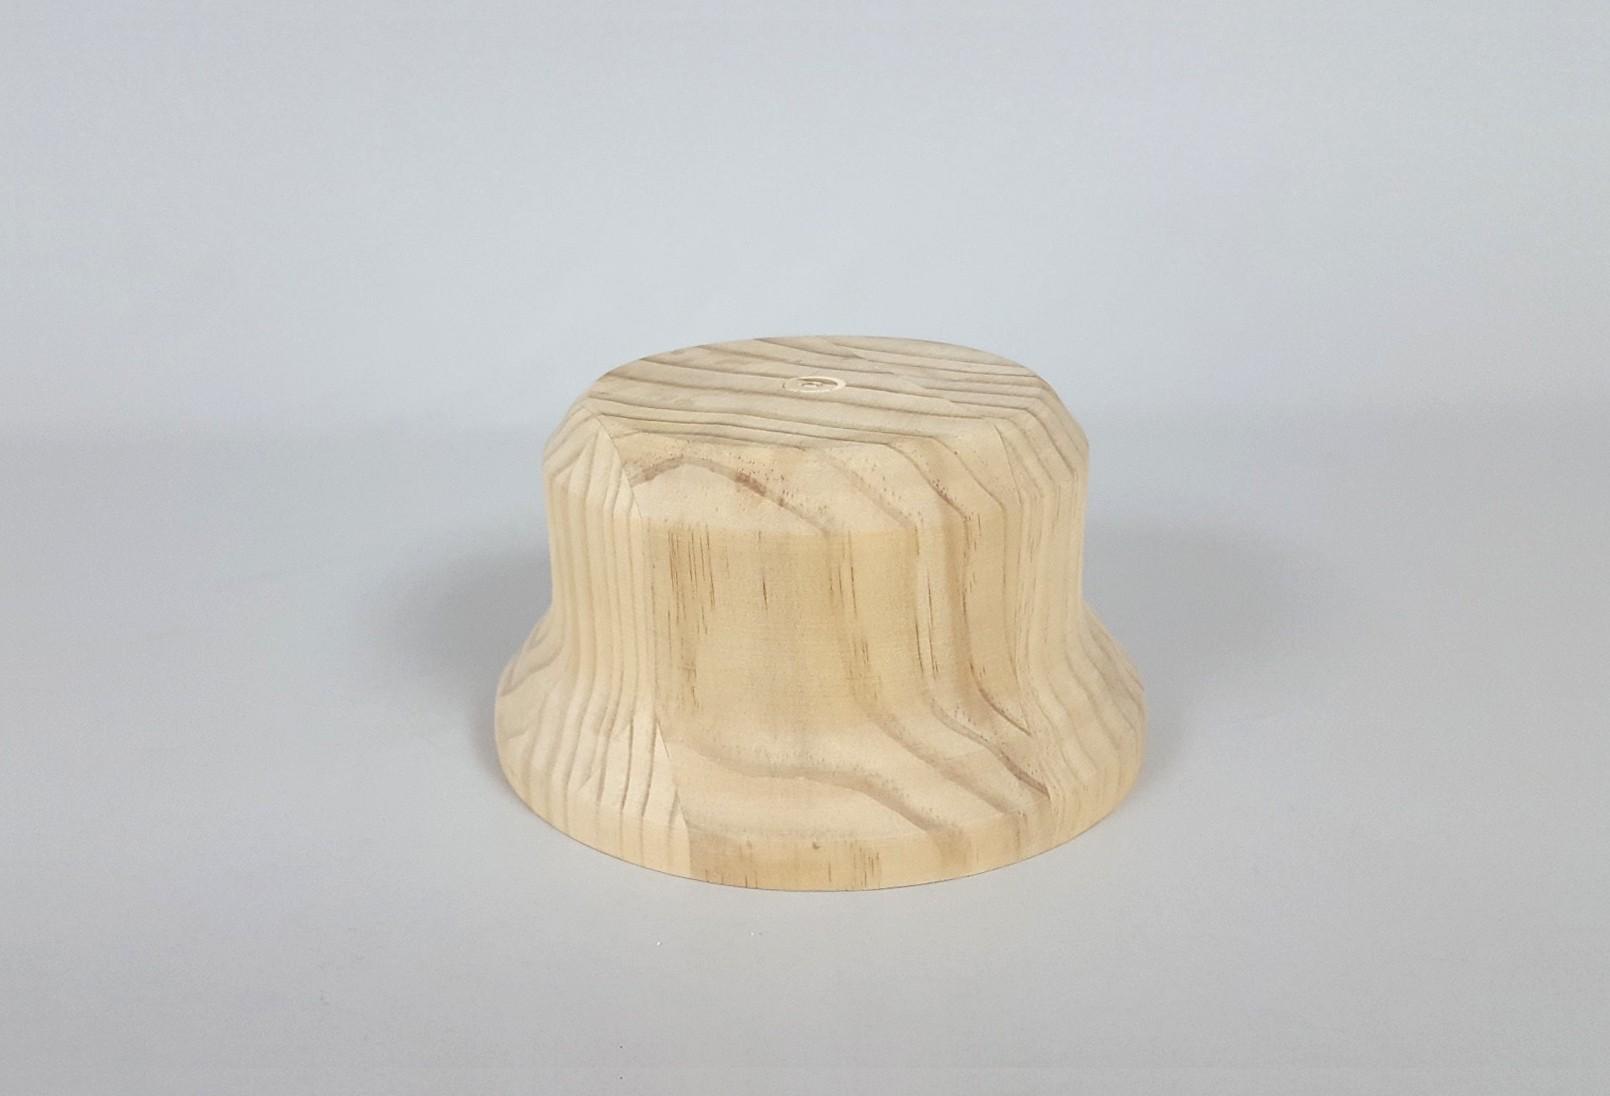 Base pine base Ø16 cm. Ref. 2546